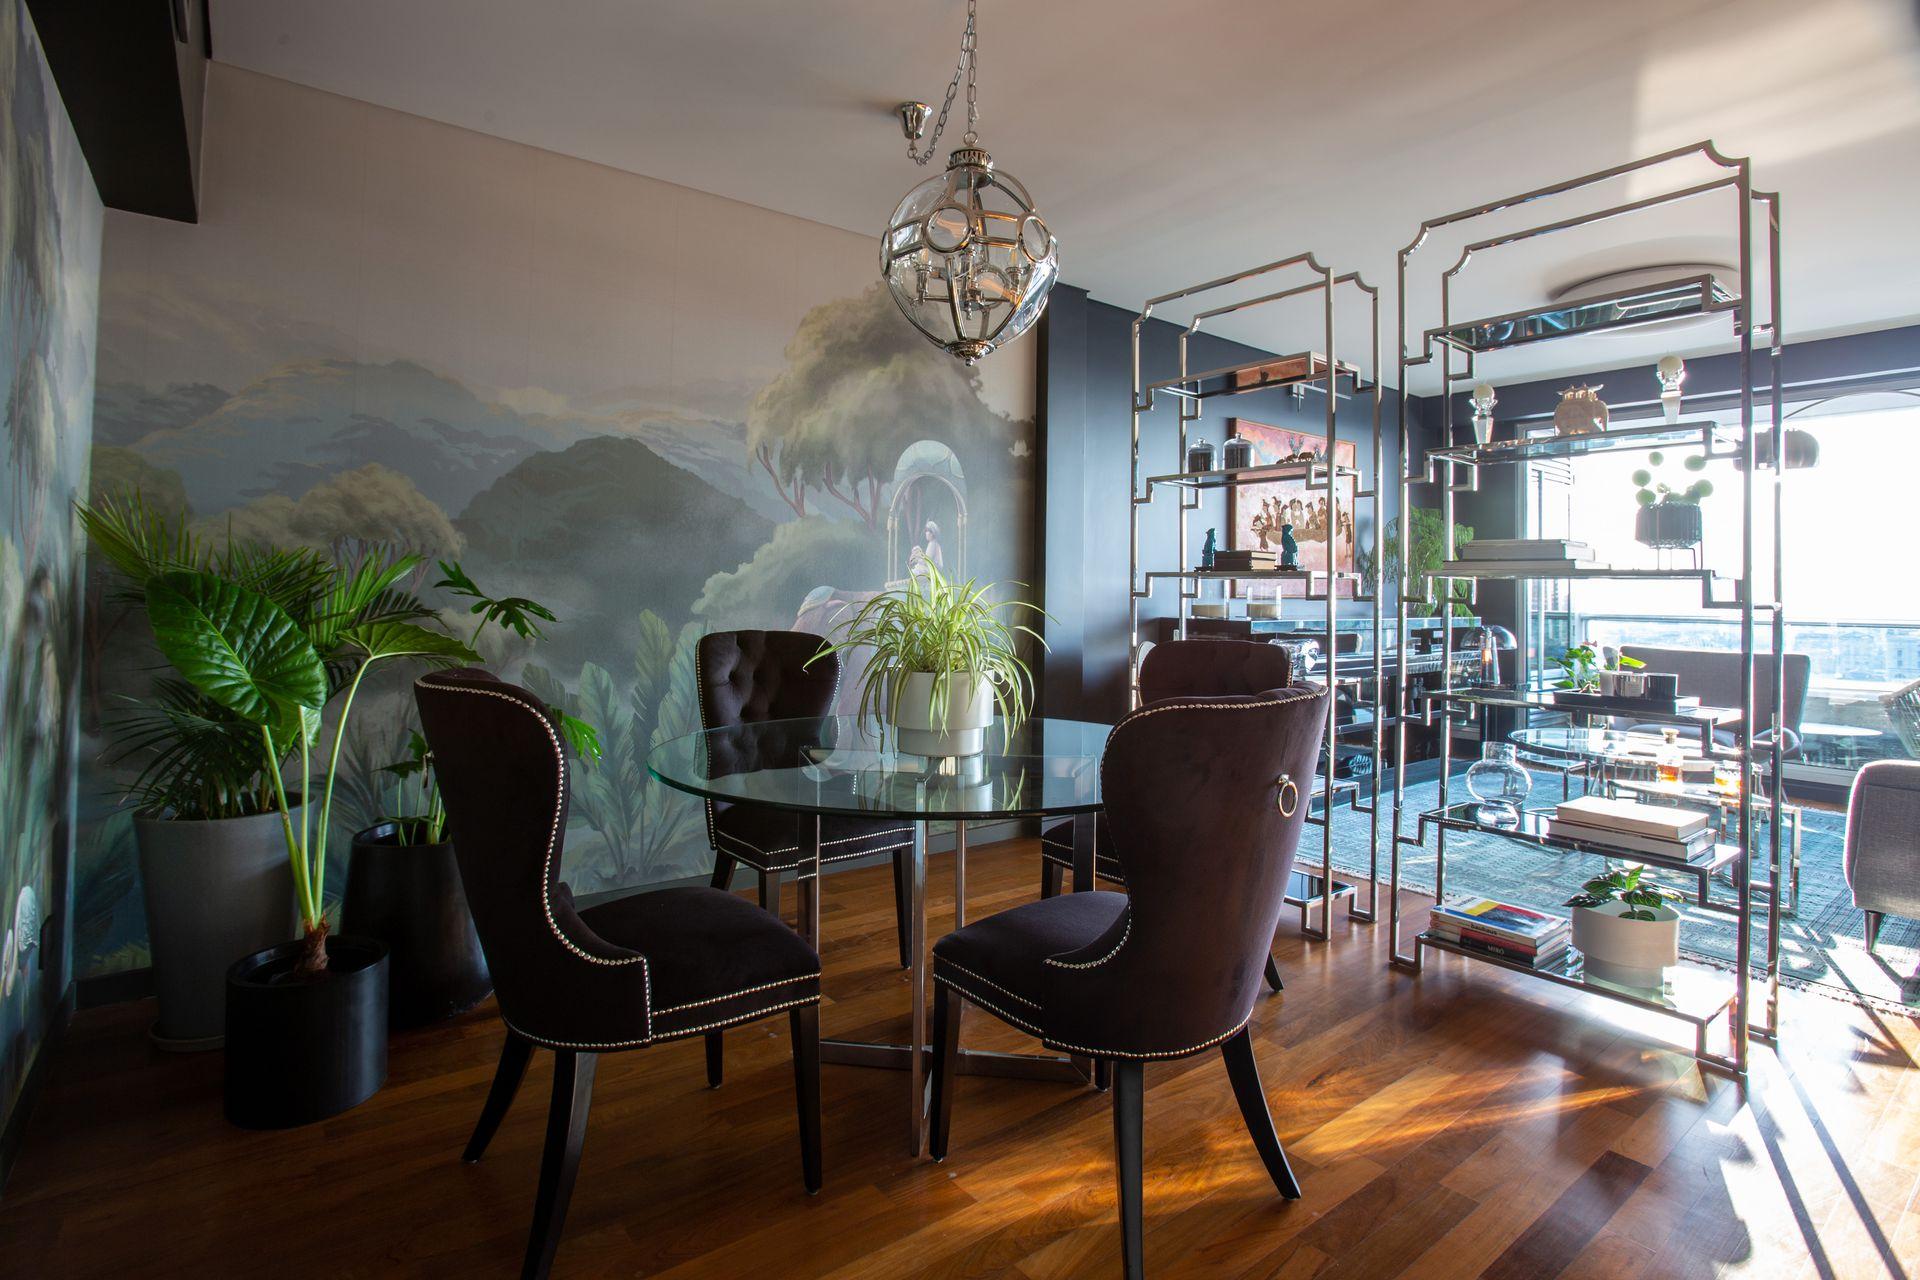 Un departamento ambientado con plantas por Ciudad Naturaleza, donde la temática botánica también está presente en el mural.